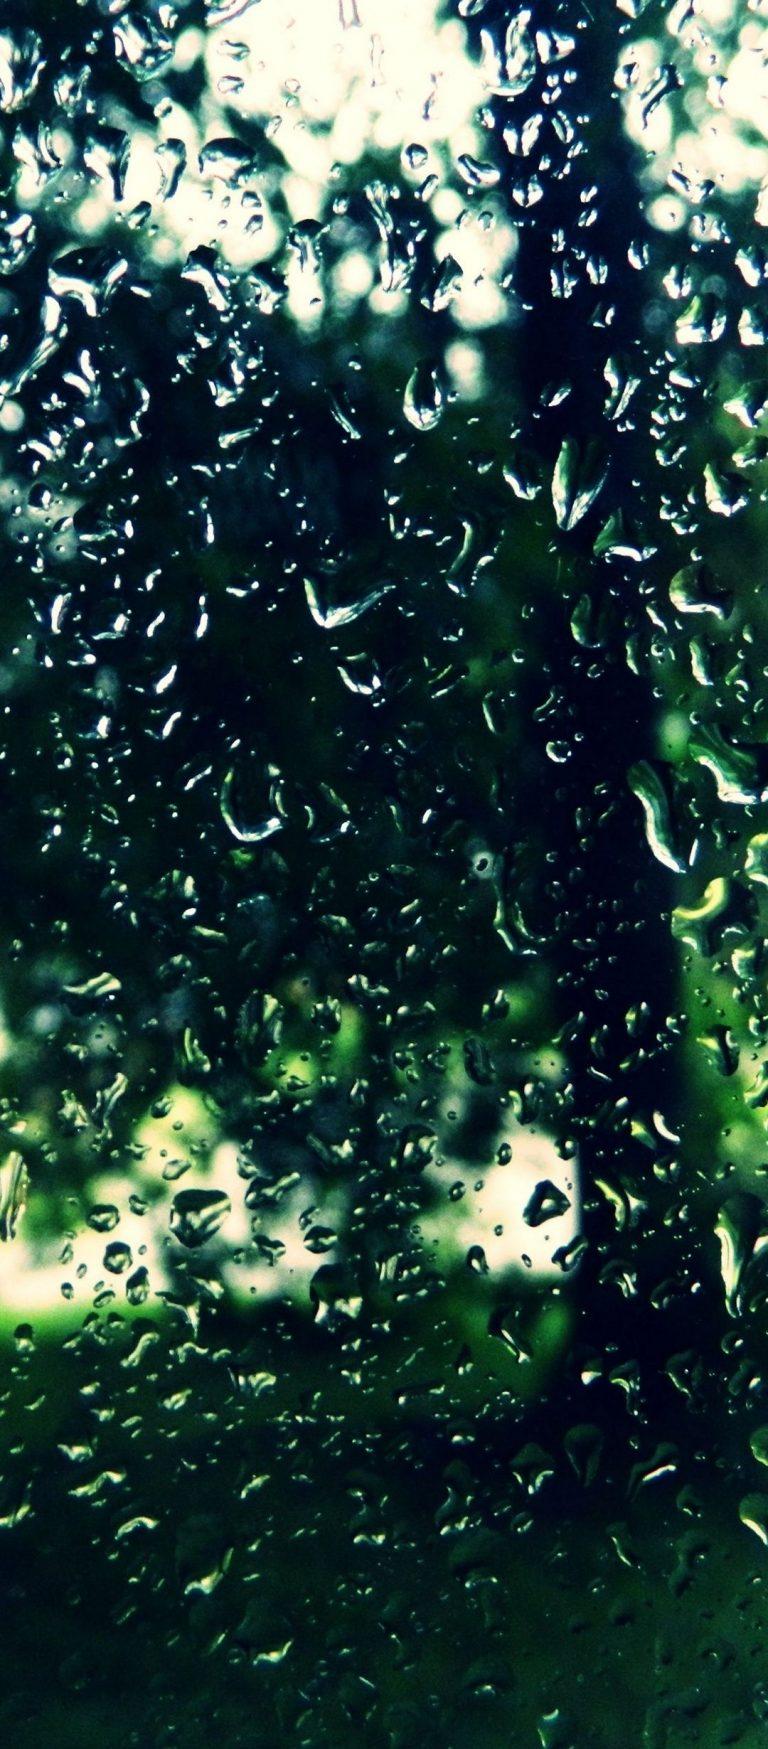 Trees Drops Glass 1080x2460 768x1749